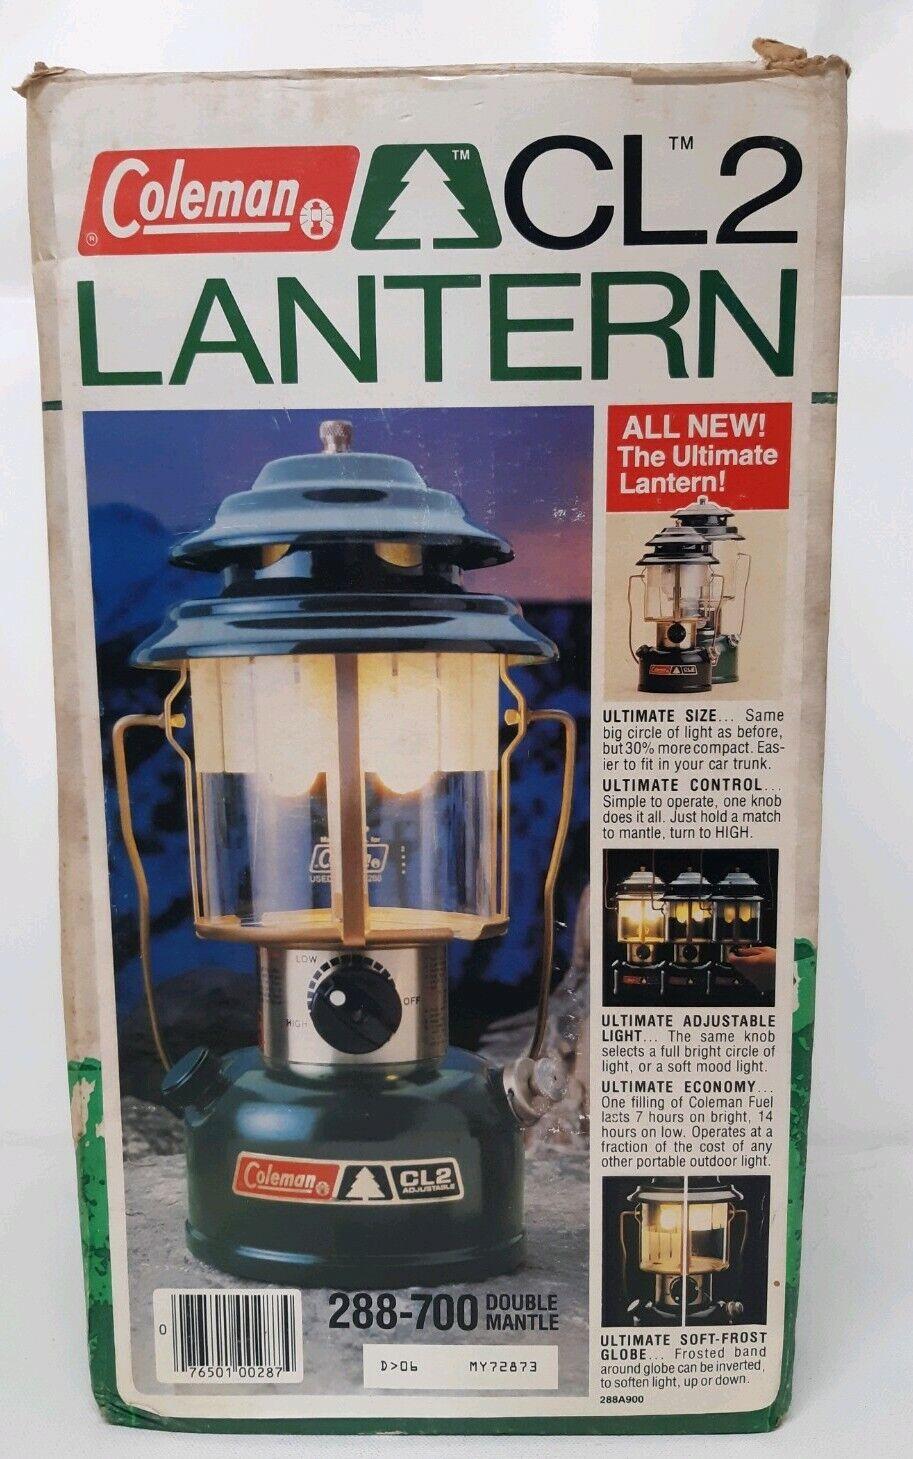 COLEuomo doppio uomotello Lanterna Campeggio regolabile CL2 modellololo 288700 288700 288700 scatola 1985 VINTAGE 80s a87